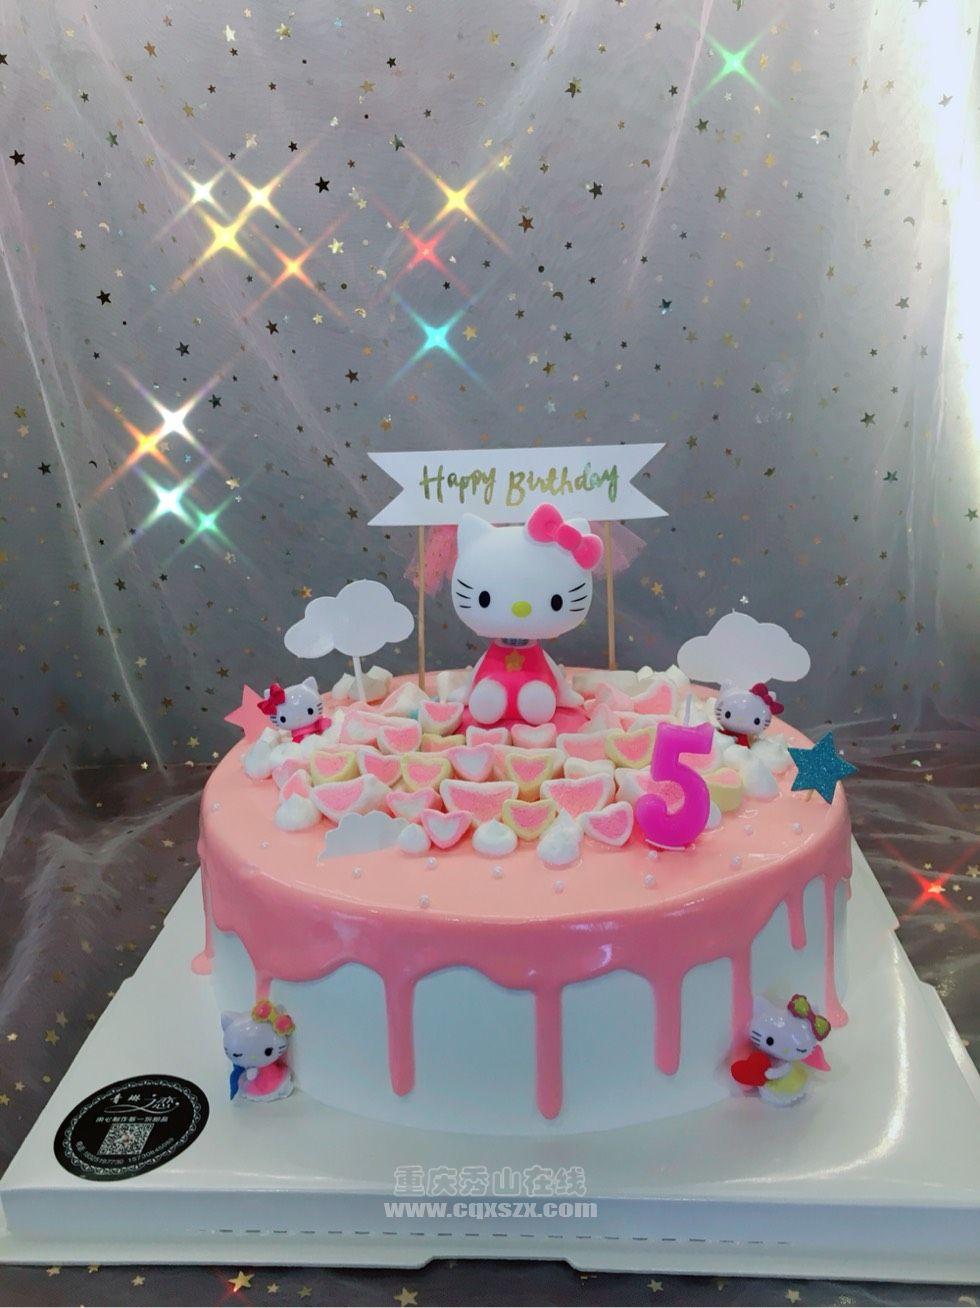 青琳之恋一家可以DIY的蛋糕店 甜品 热线电话15730845089